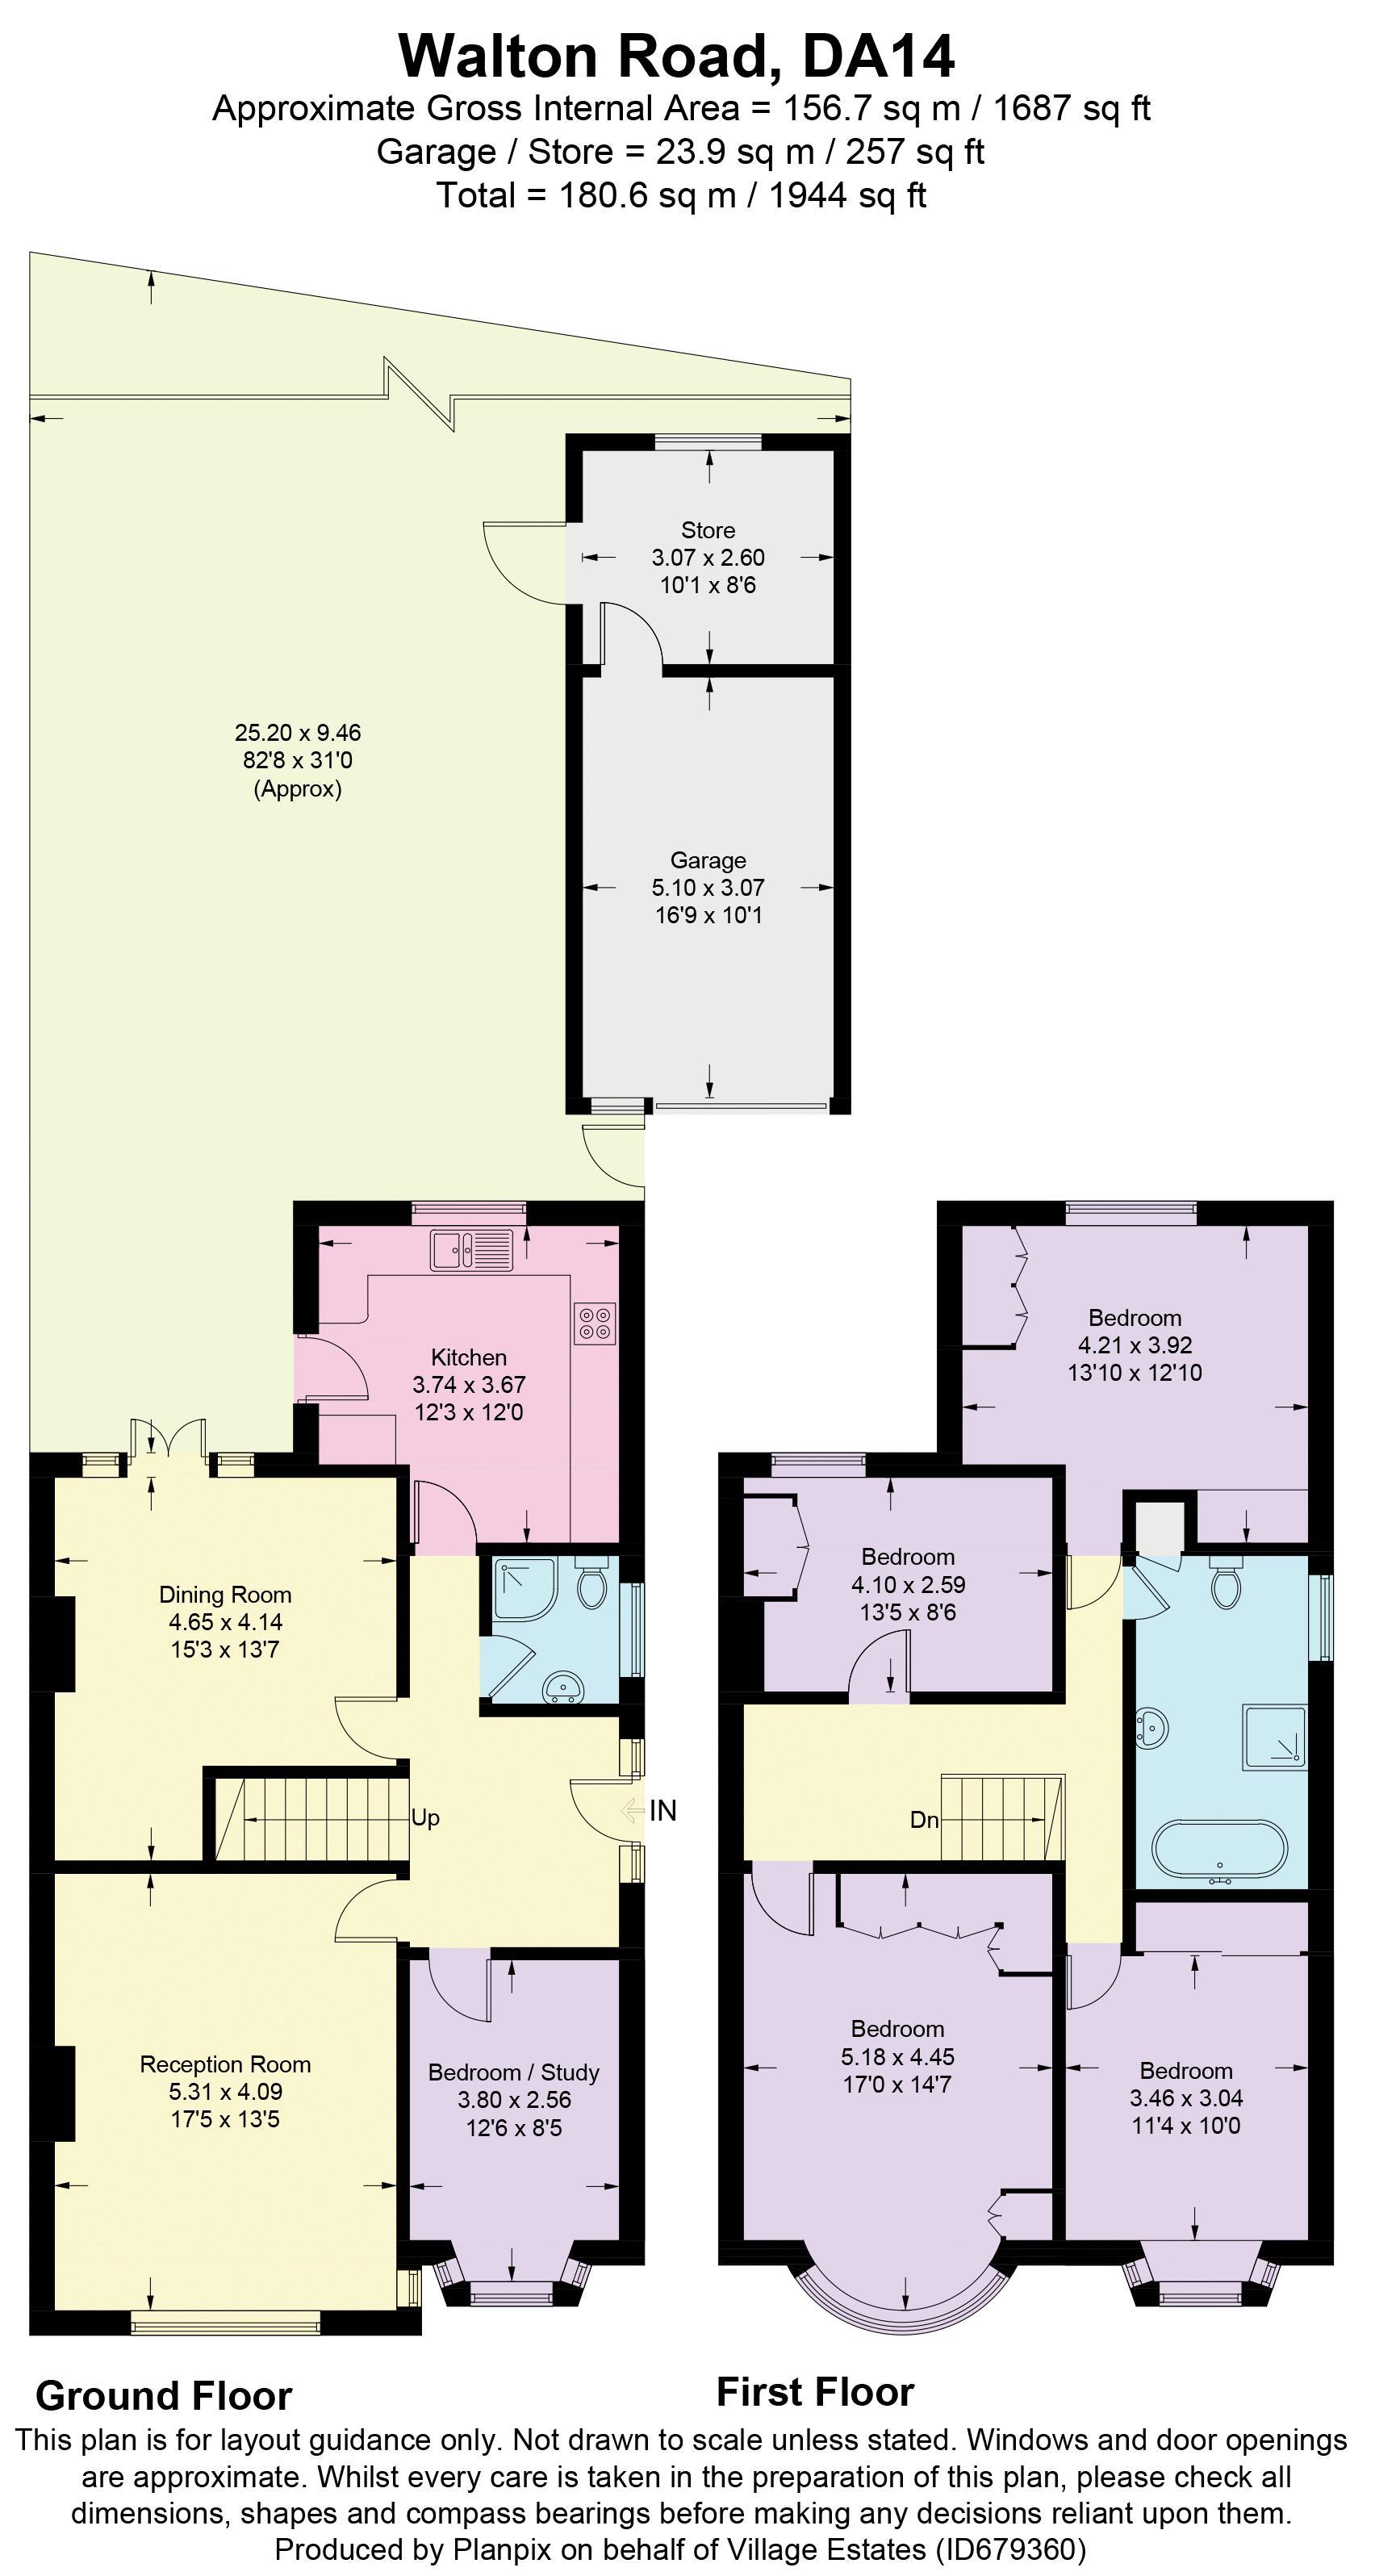 Walton Road Floorplan